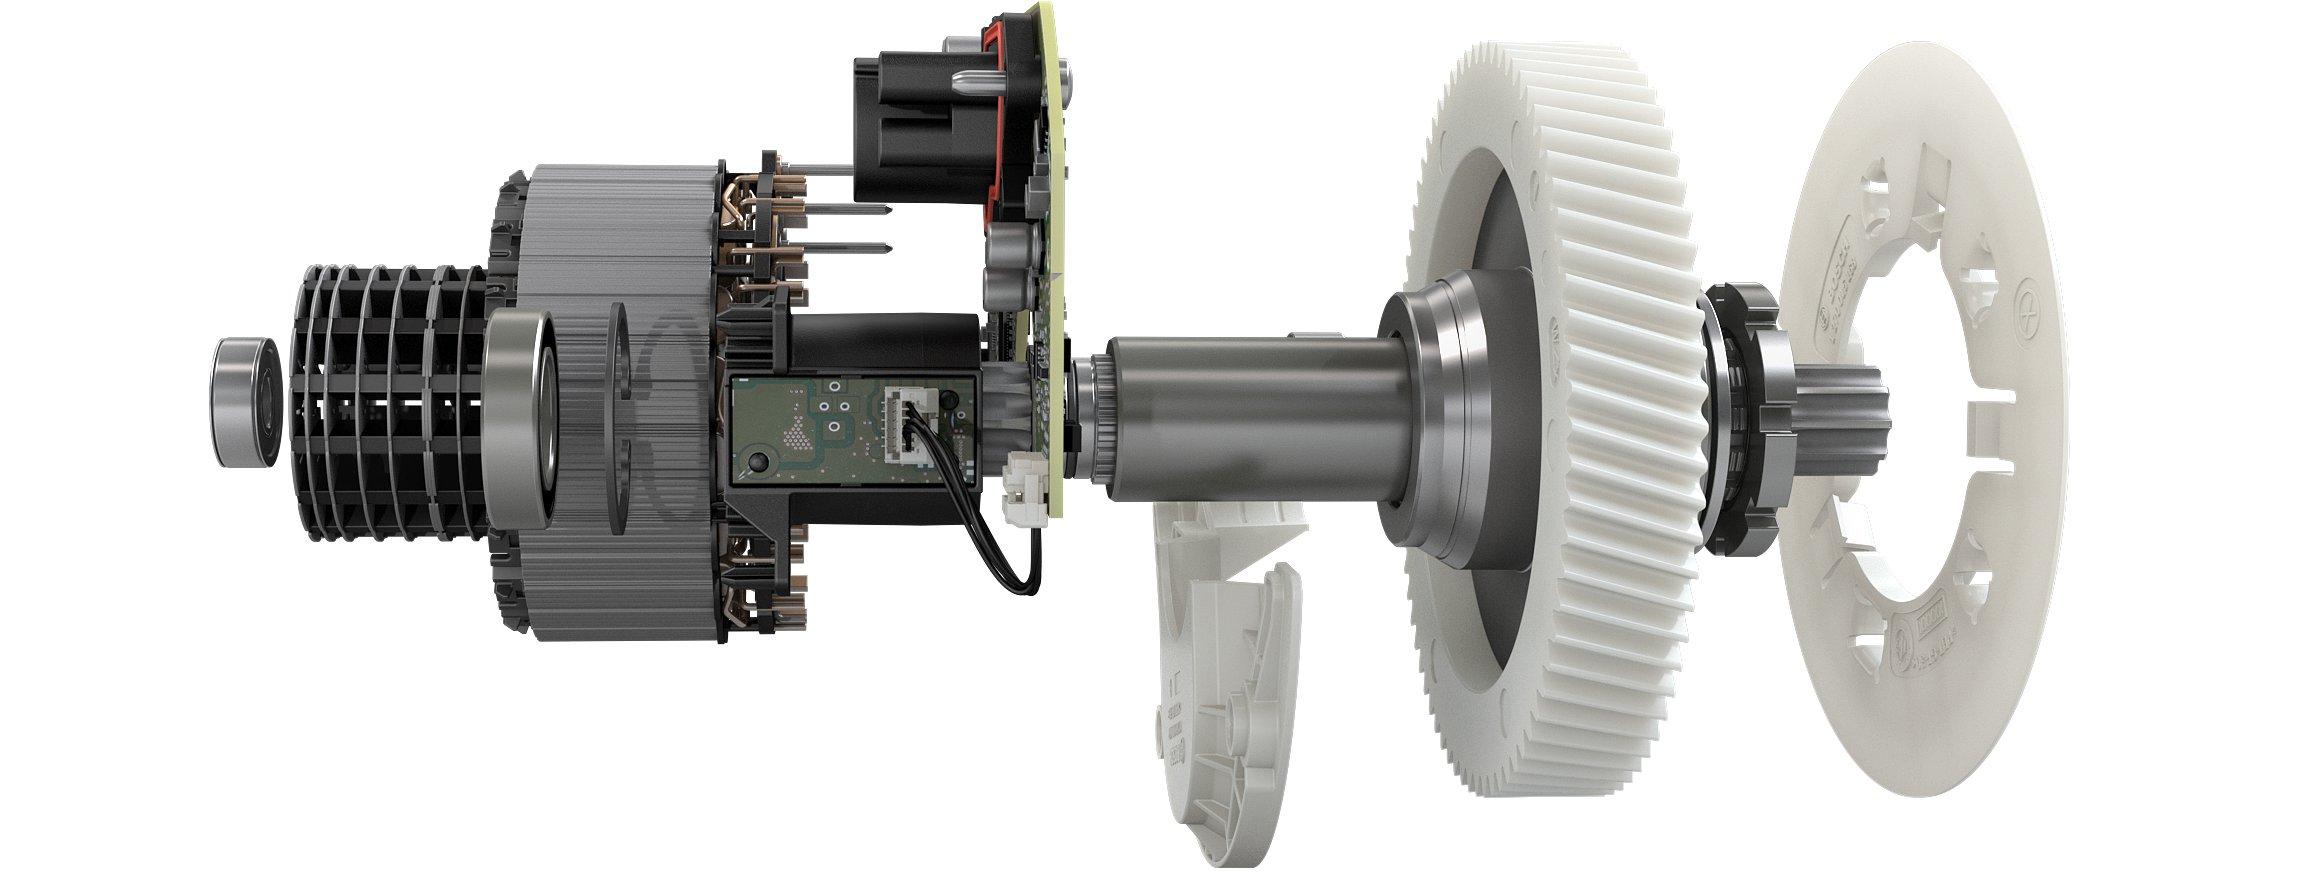 demoltiplicatore in neoprene per silenziare il rumore del motore elettrico